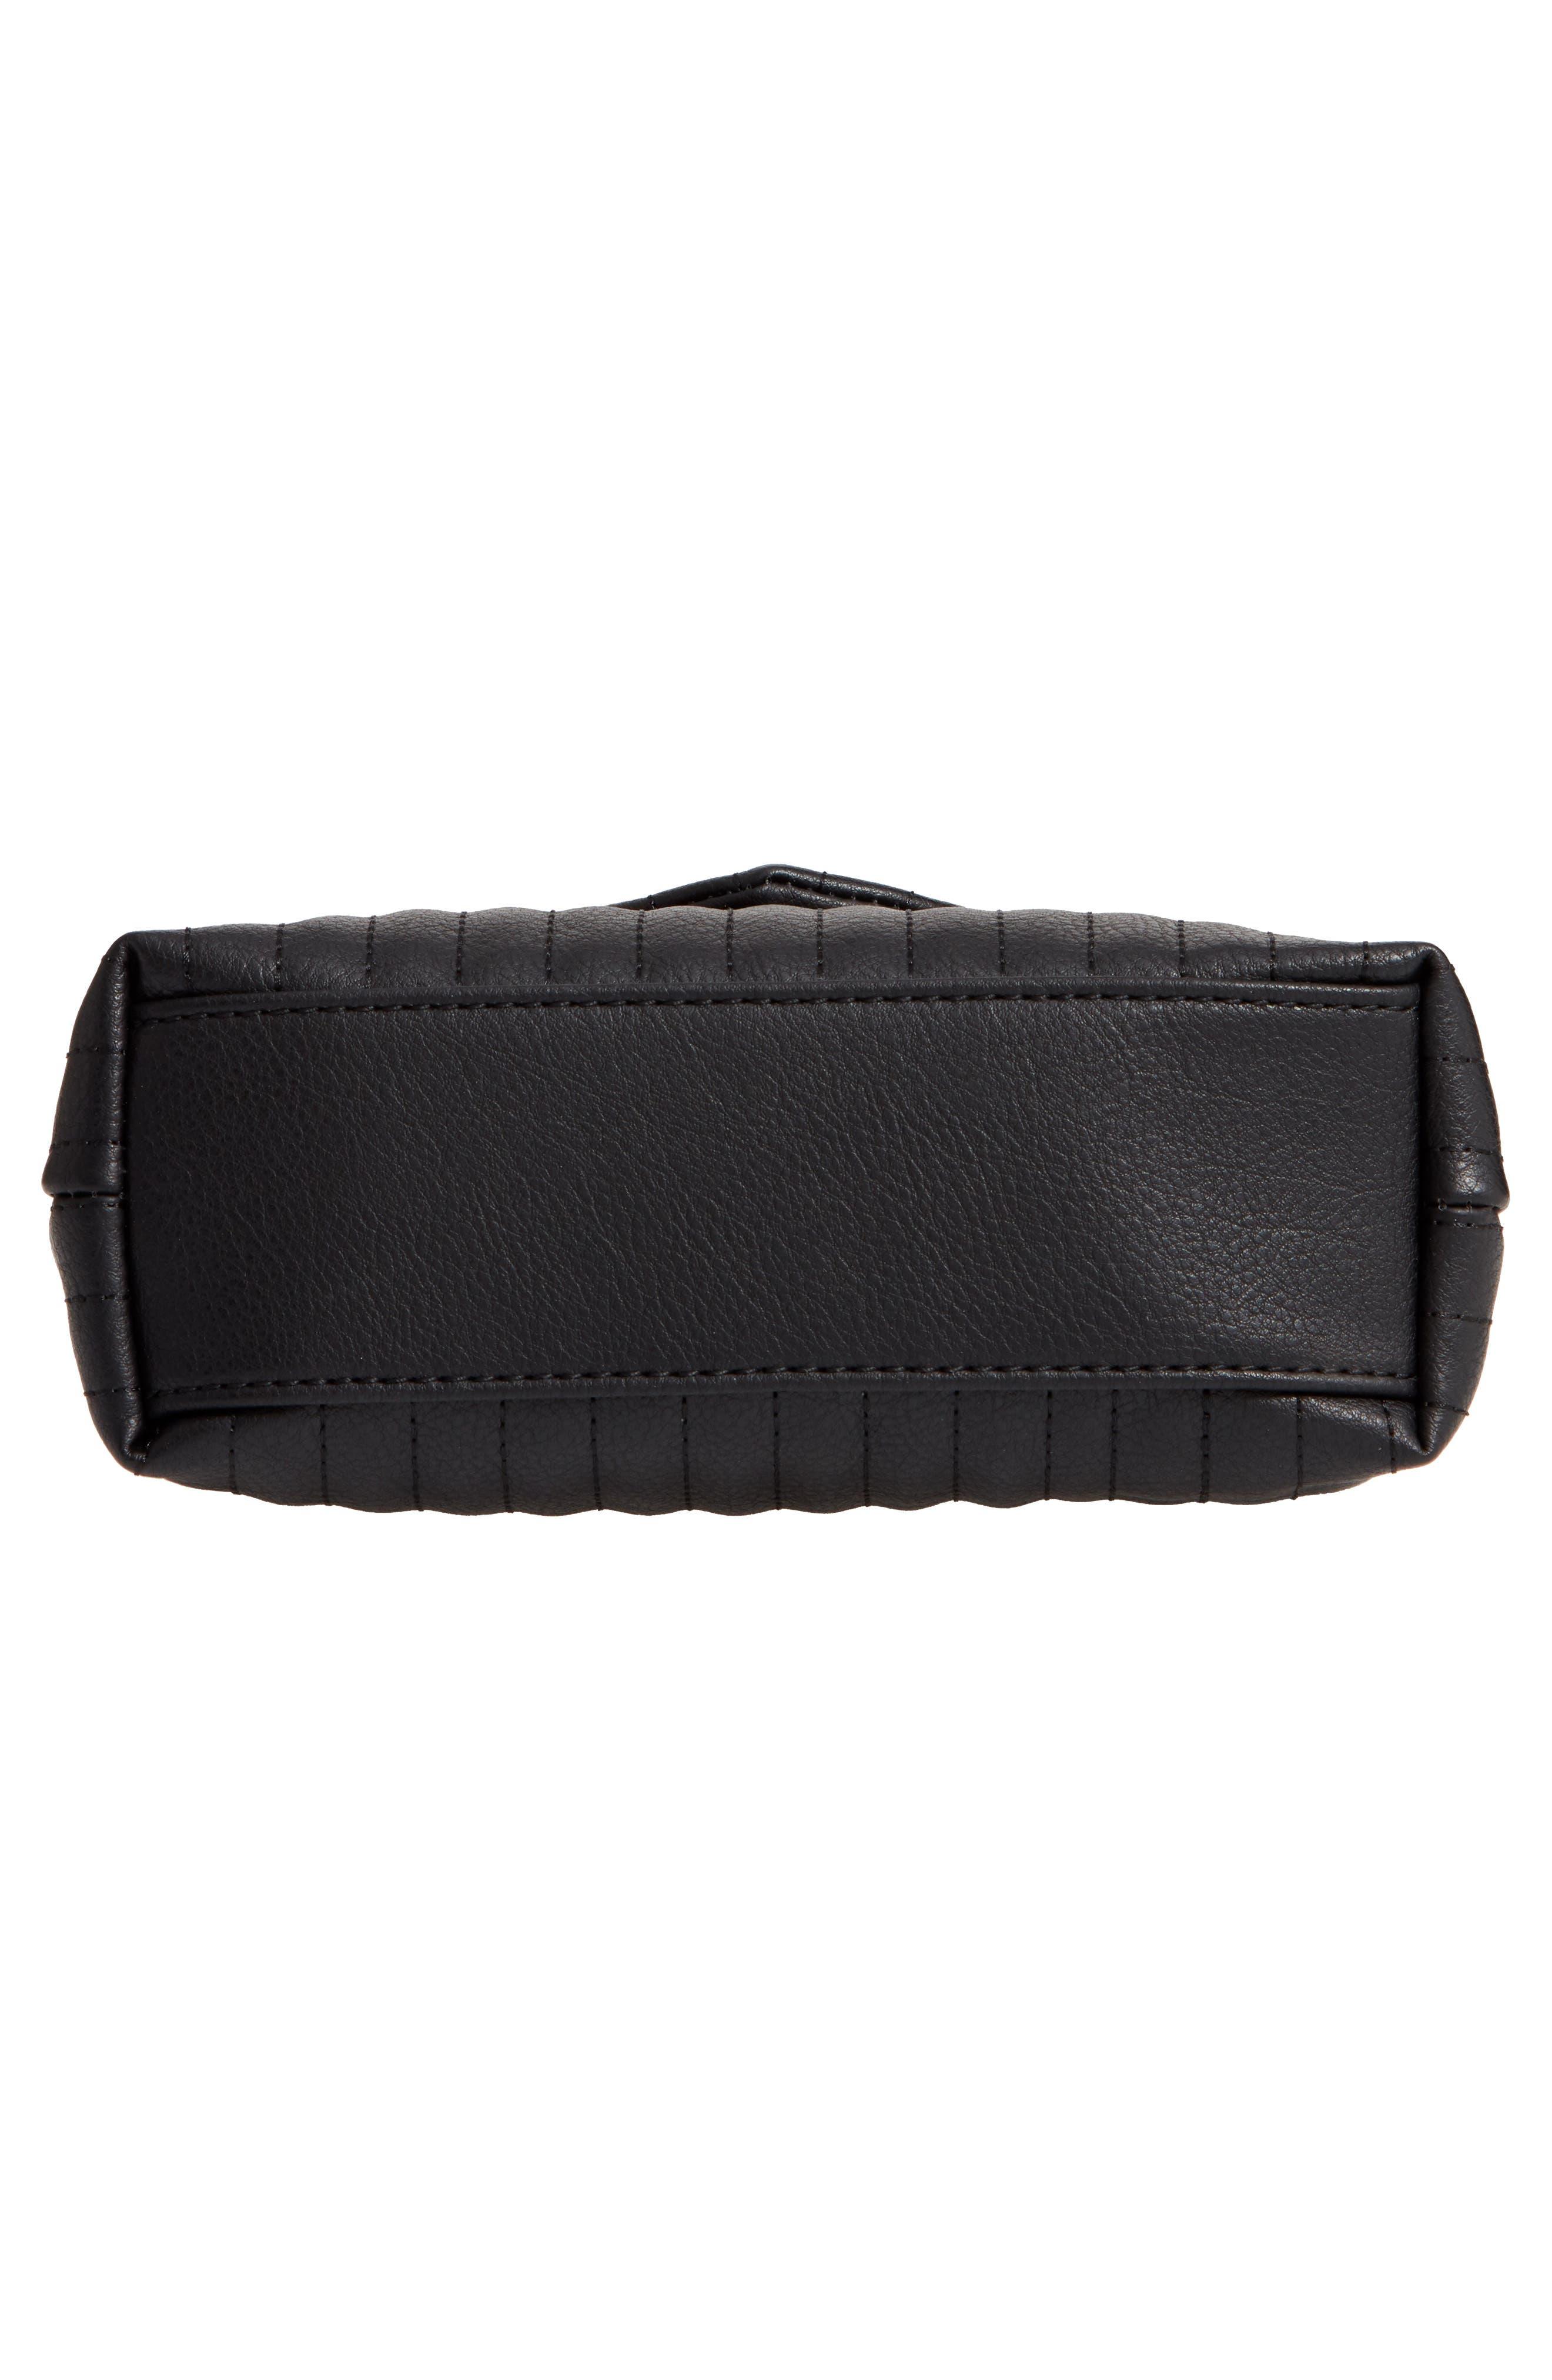 Urche Faux Leather Crossbody Bag,                             Alternate thumbnail 6, color,                             BLACK